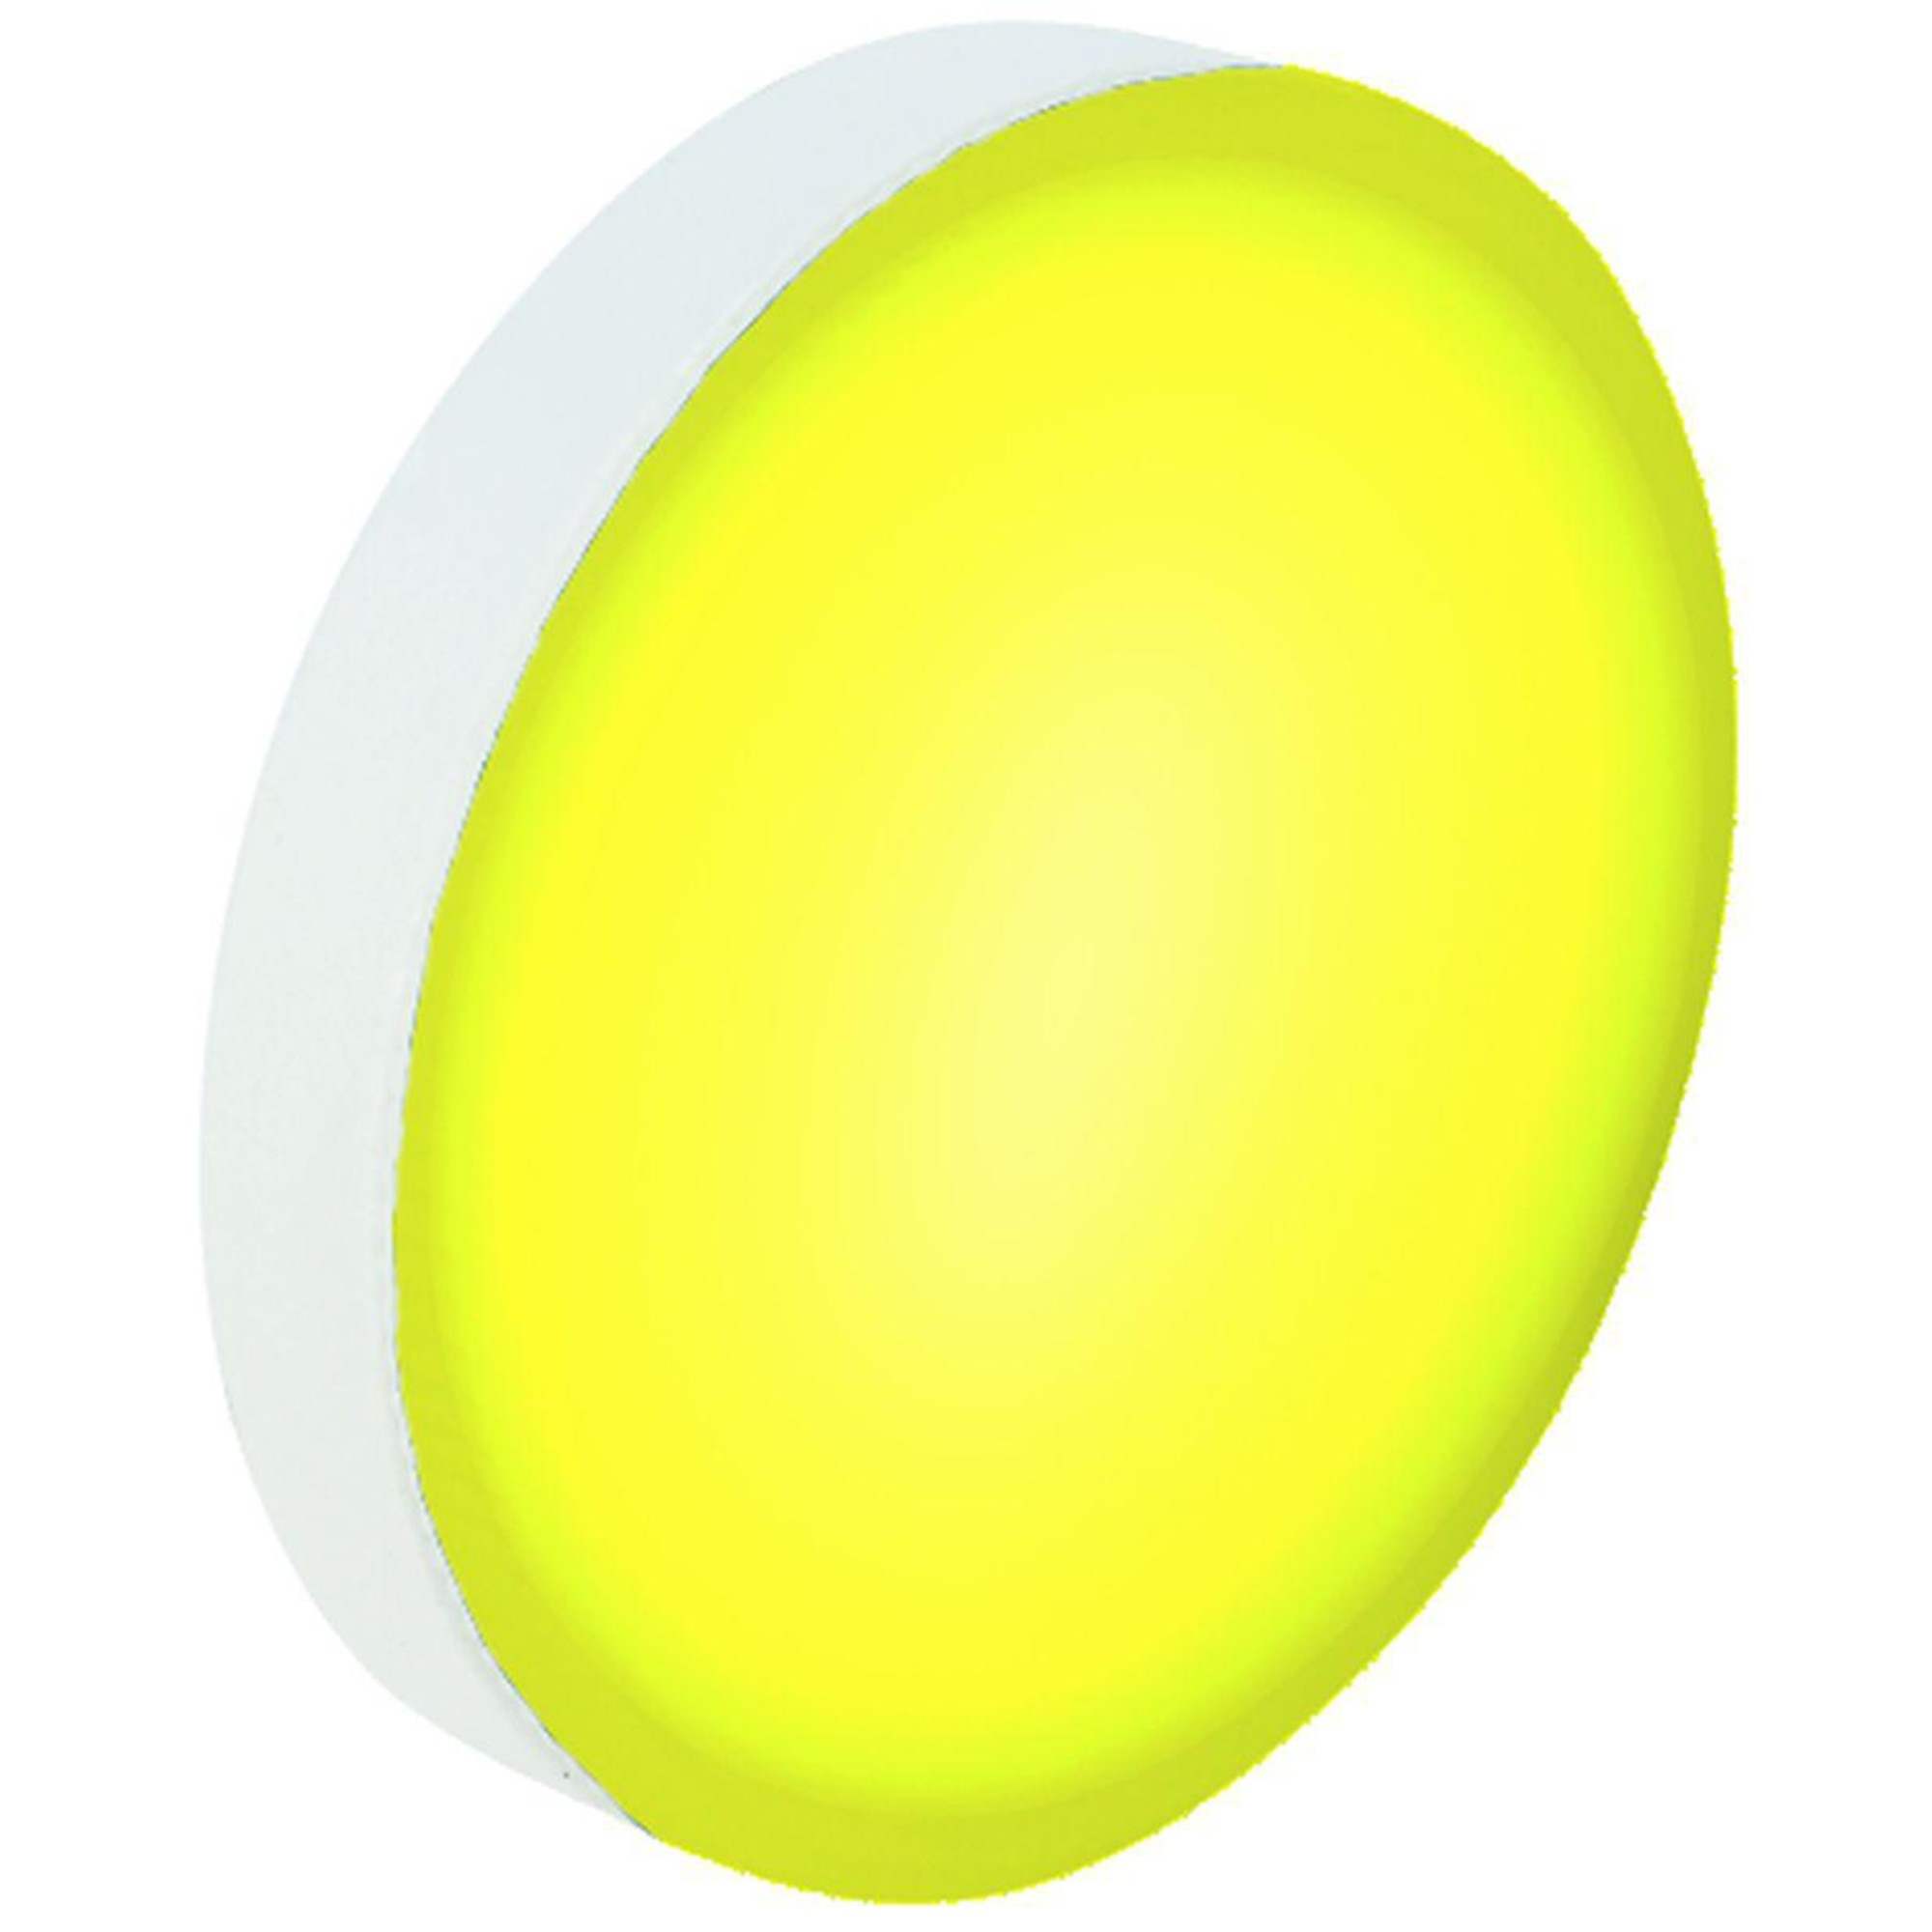 Лампа Ecola Premium светодионая GX53 12 Вт таблетка Лм теплый свет